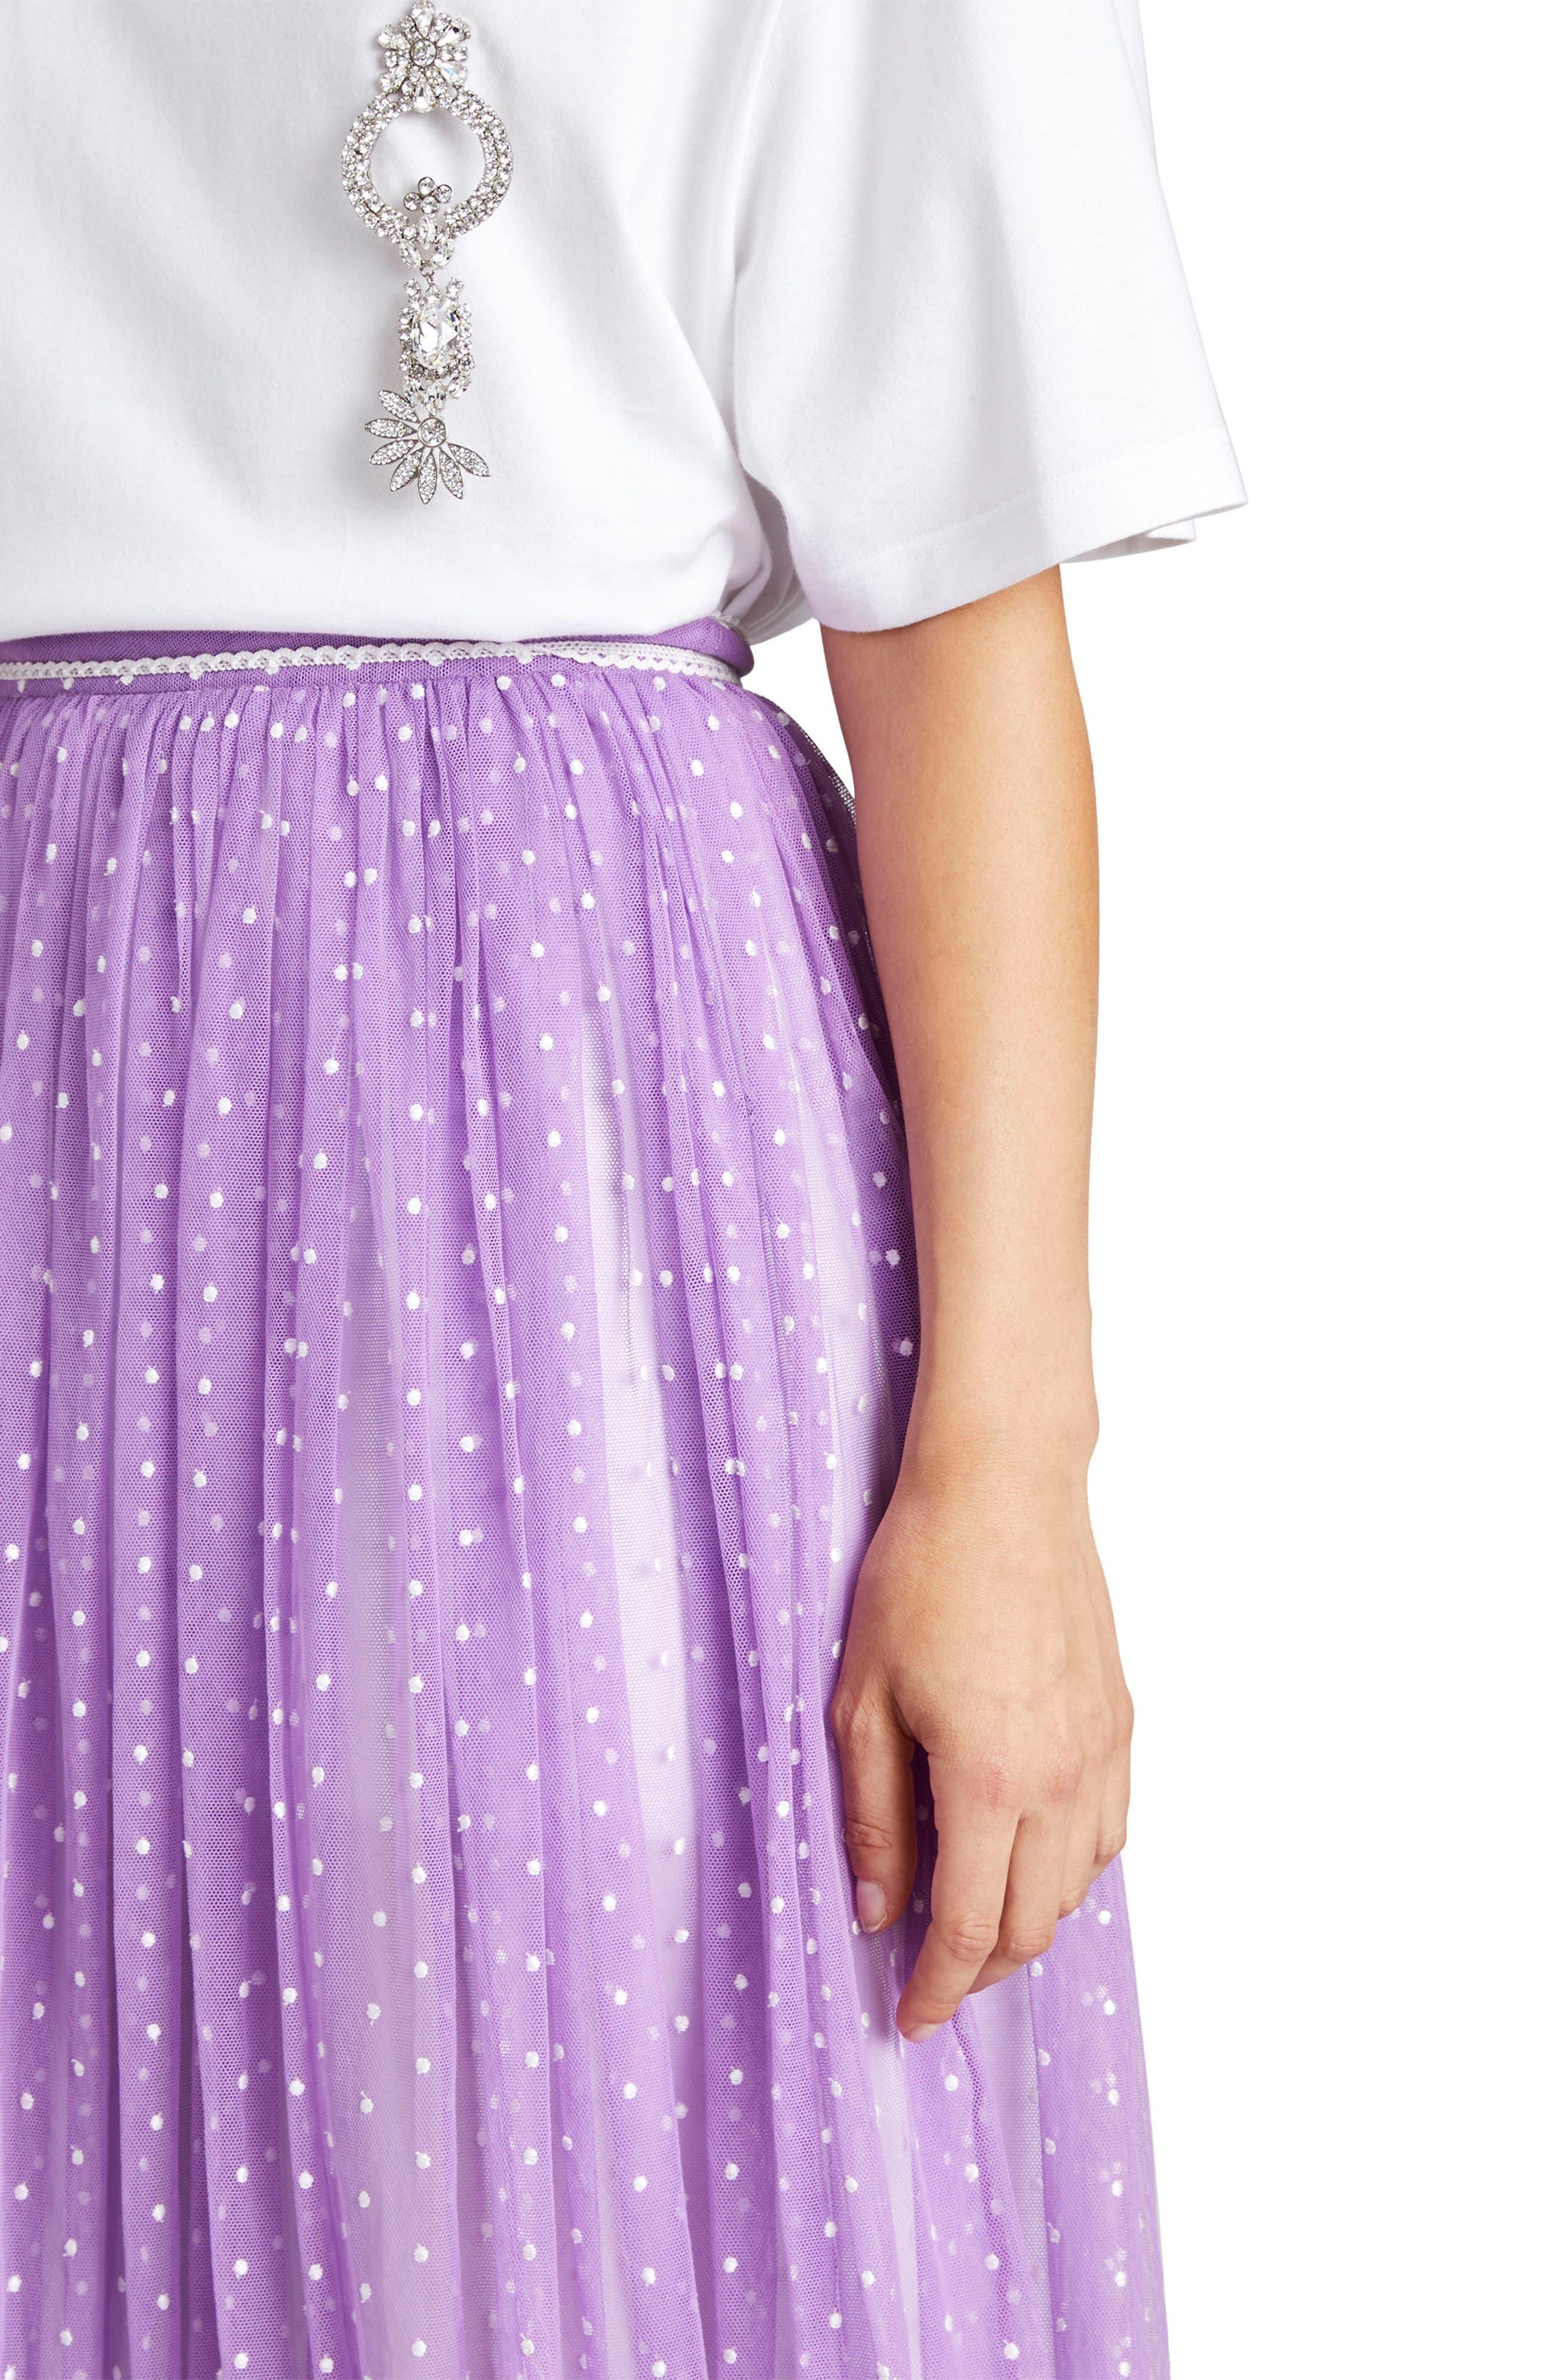 Flocked Tulle Maxi Skirt,                             Alternate thumbnail 3, color,                             520